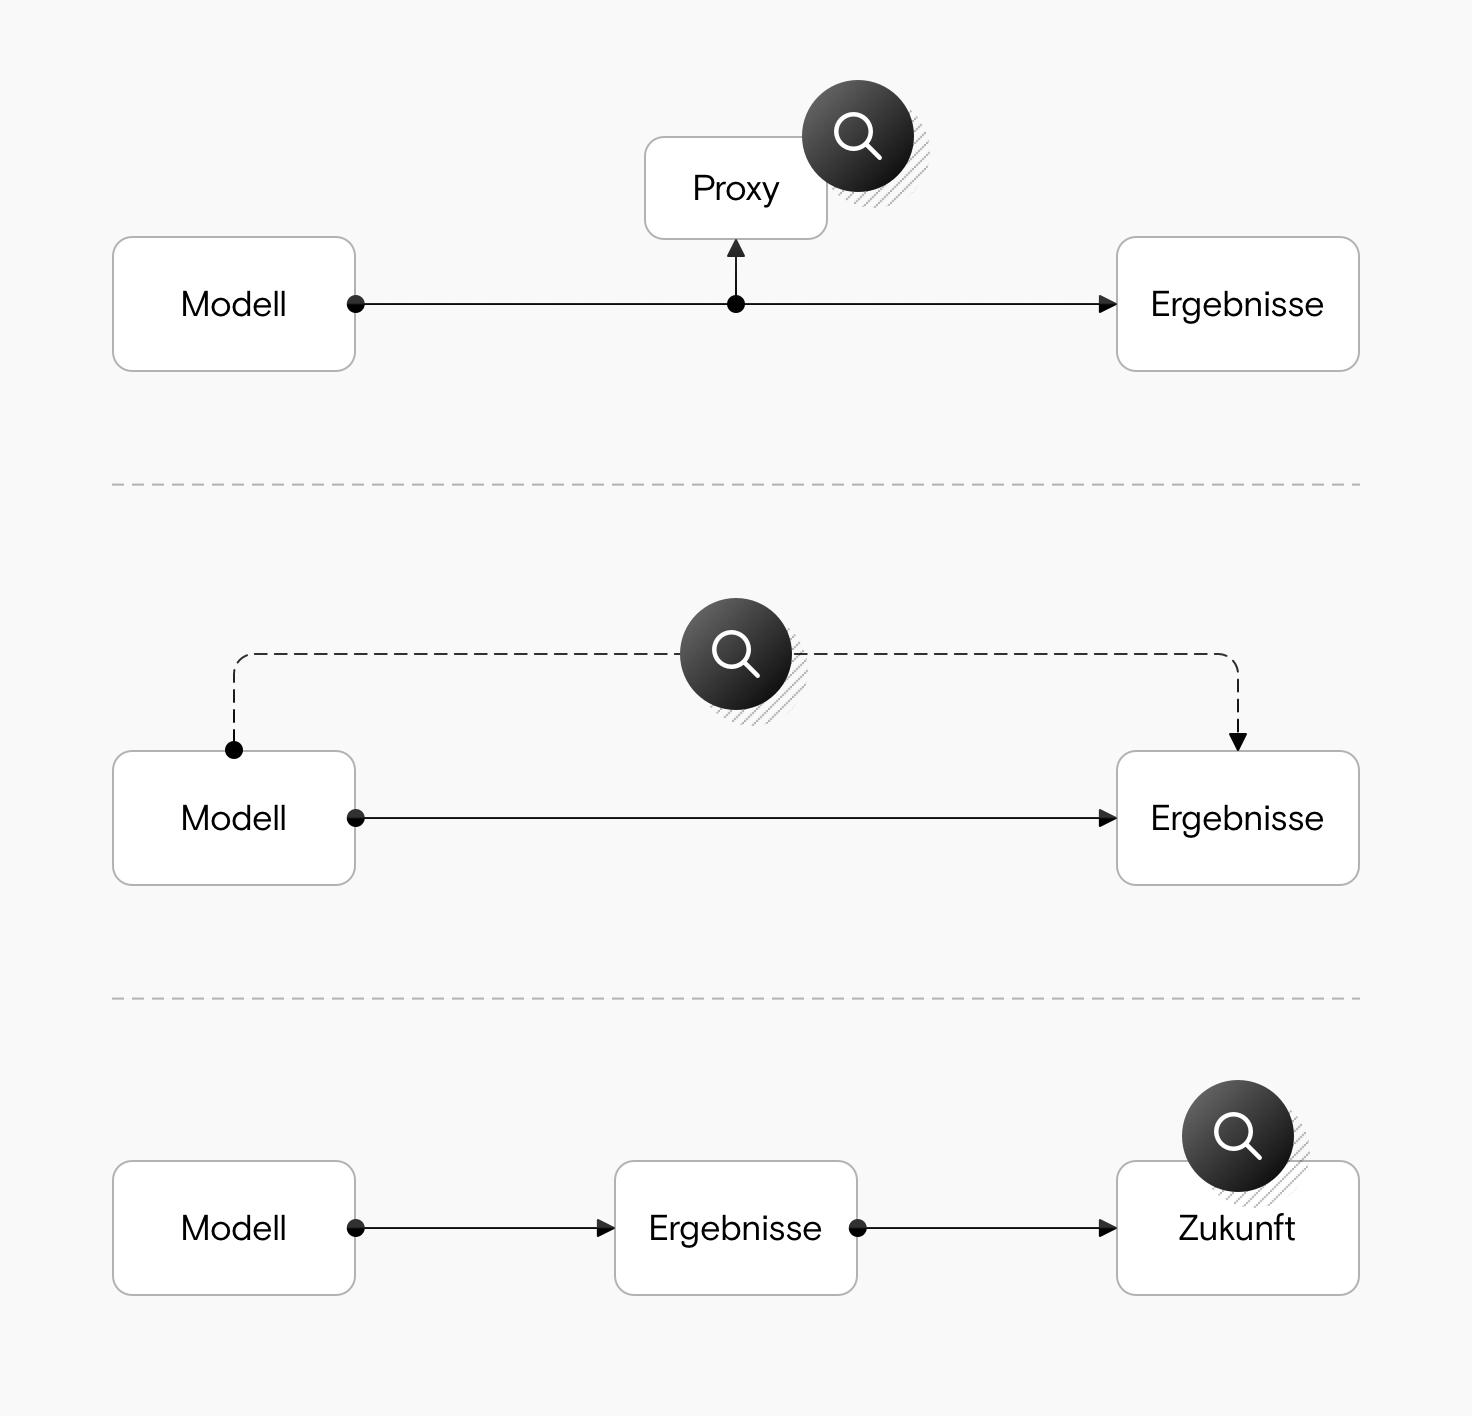 Drei Diagramme. 1. zeigt eine Lupe, die auf einen Proxy zwischen dem Modell und den Ergebnissen zeigt. 2. zeigt eine Lupe, die direkt zwischen dem Modell und den Ergebnissen liegt. 3. zeigt die Lupe, die in die Zukunft blickt, wobei das Modell und die Ergebnisse in der Vergangenheit liegen.